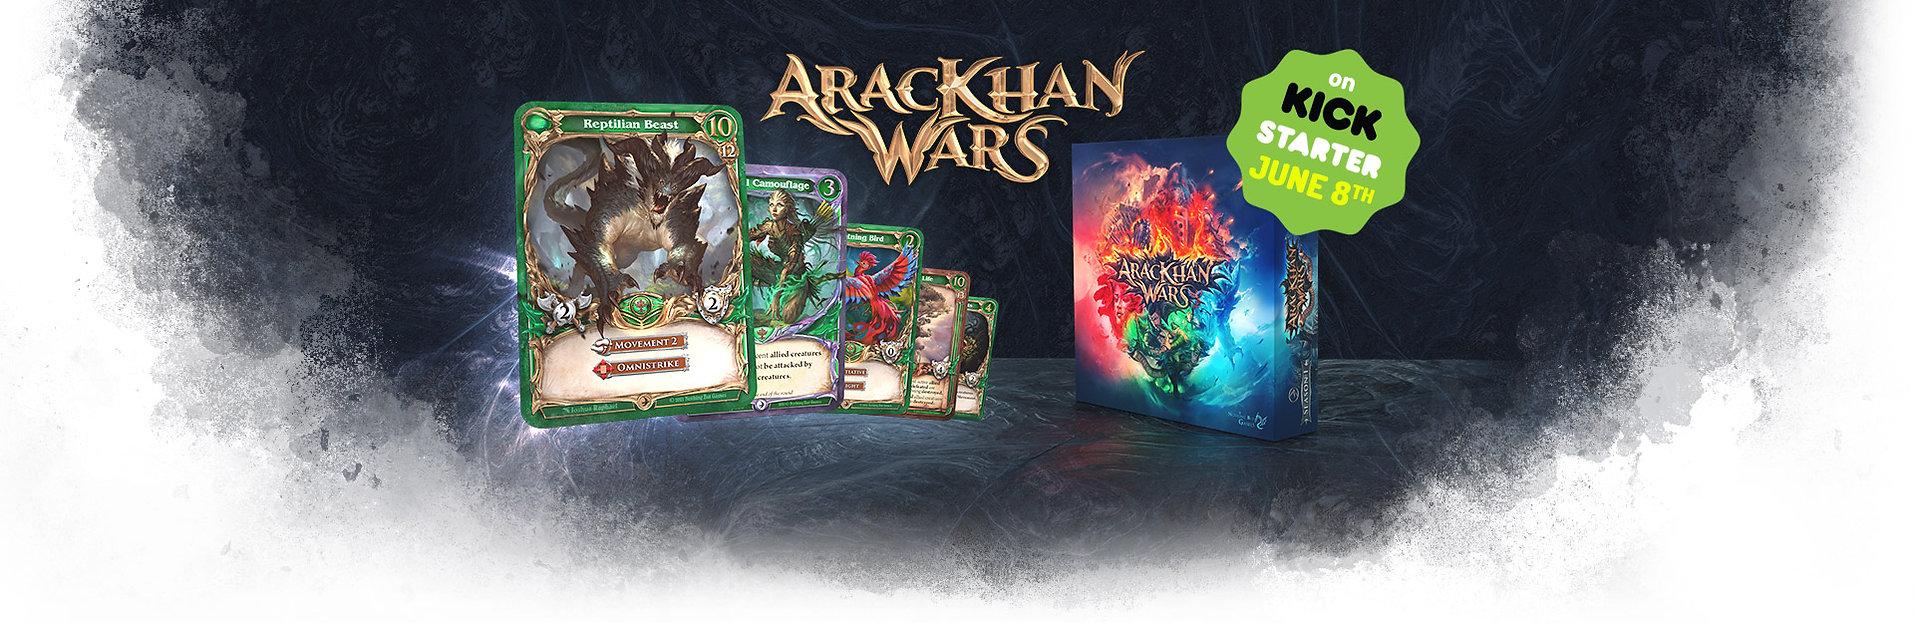 Website Banner AracKhan Wars KS.JPG